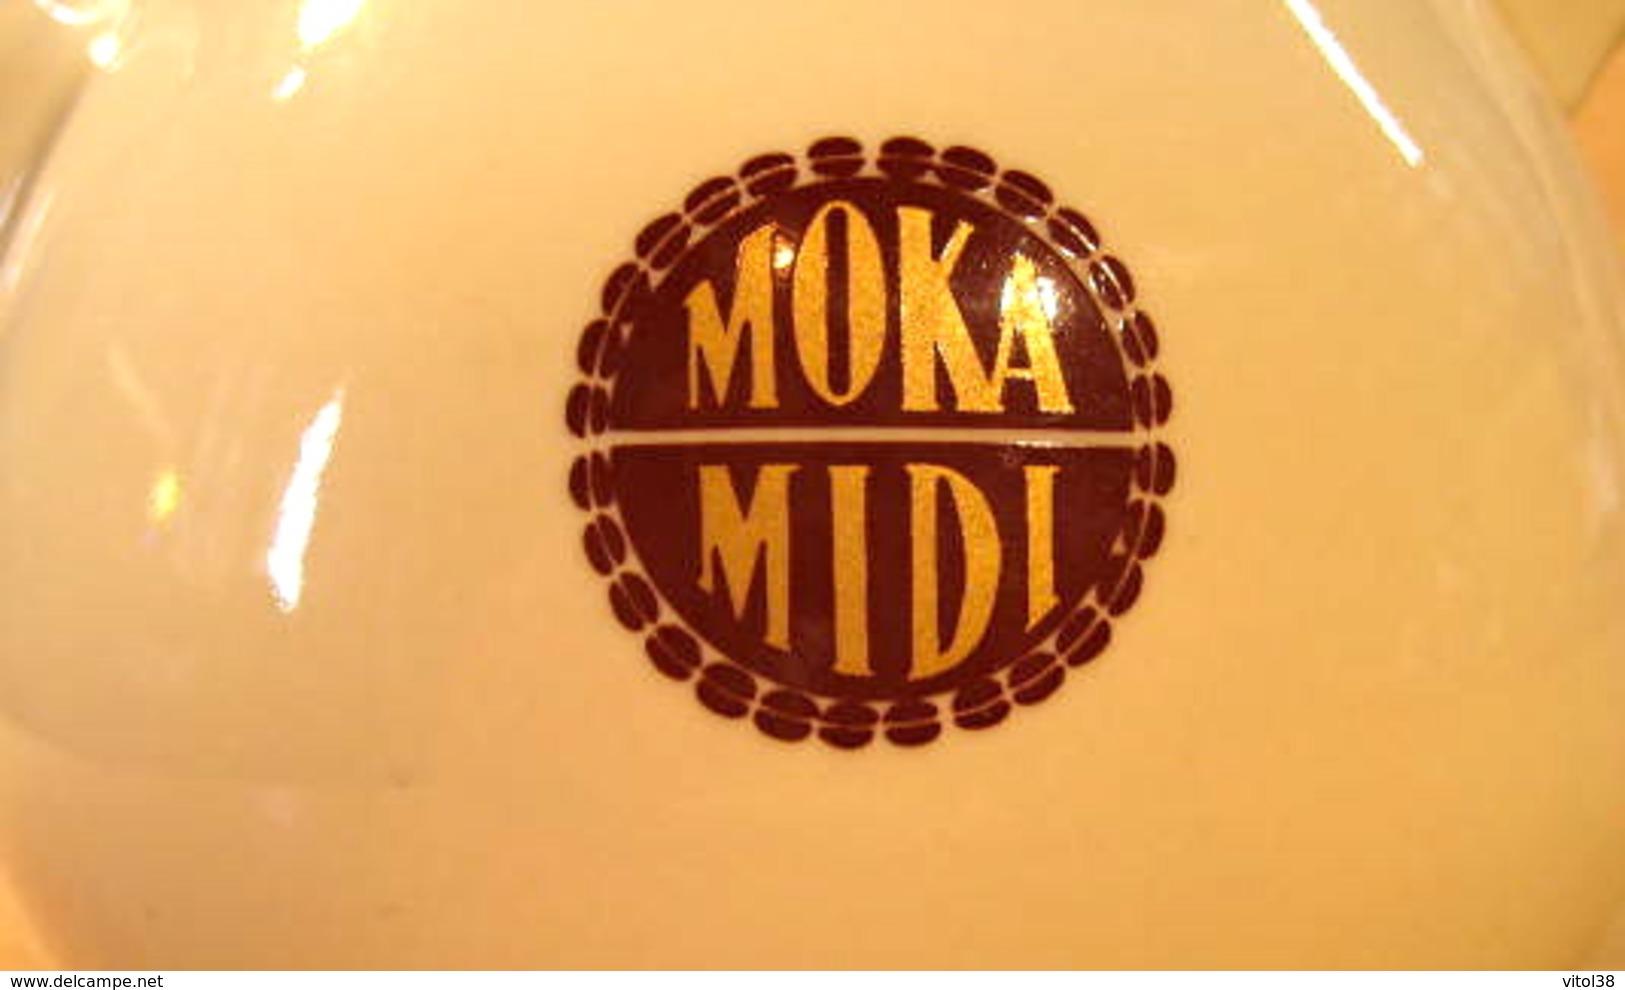 THEIERE NON MOKA MIDI - Théières